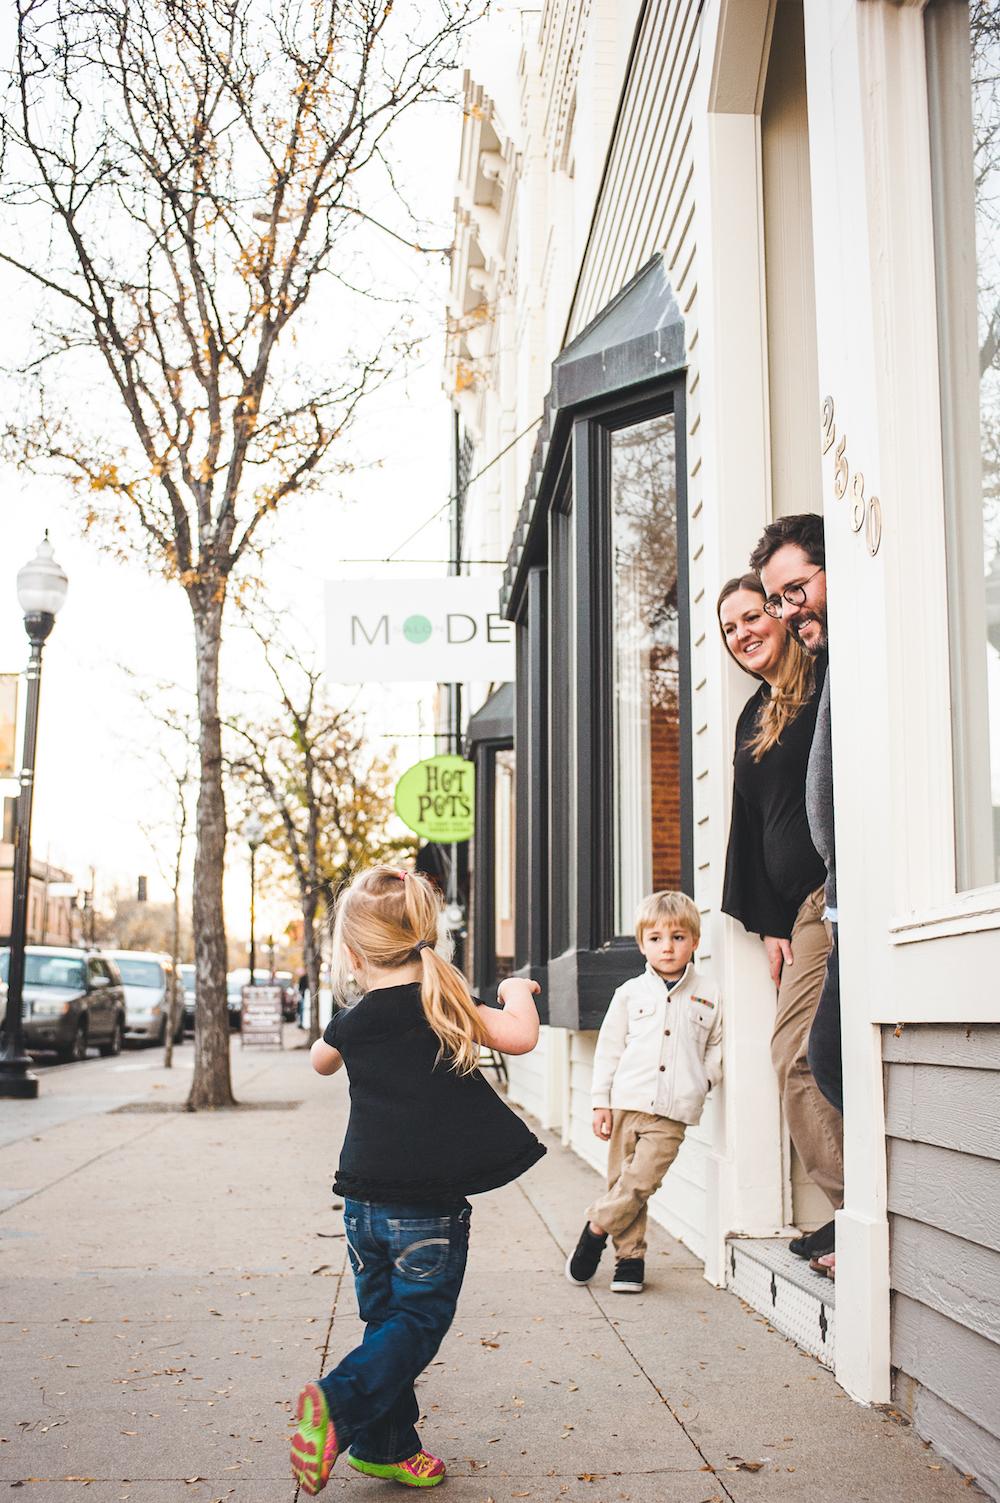 ck-Colorado-Family-Photography-0021.jpg